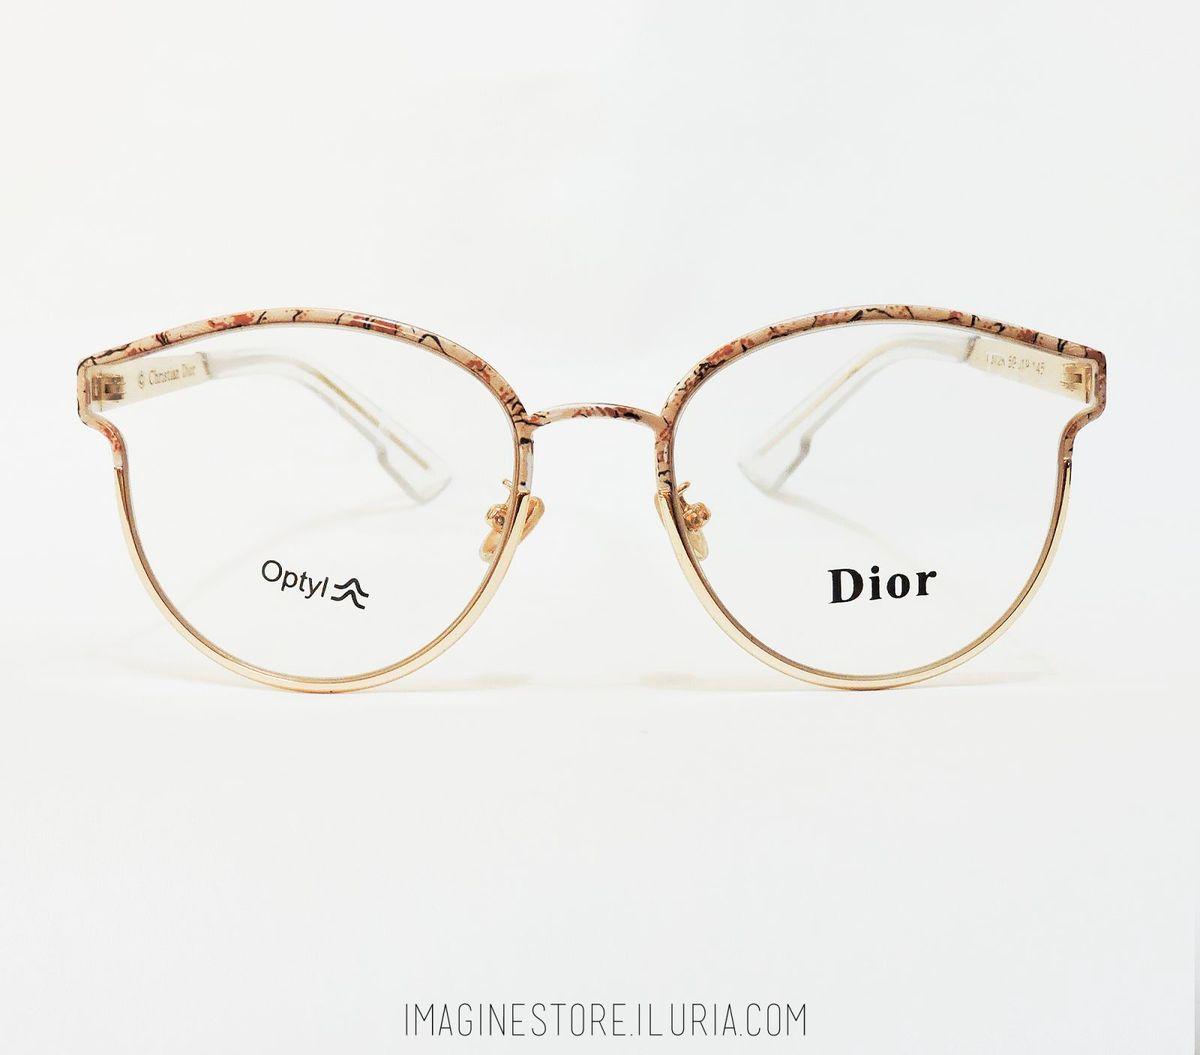 armação de grau dourada - óculos dior.  Czm6ly9wag90b3muzw5qb2vplmnvbs5ici9wcm9kdwn0cy8xmdm5njywl2qyyjrjntfhmjjjnme0odg0mje1nzy5mdq1yzljyjdhlmpwzw b370256077